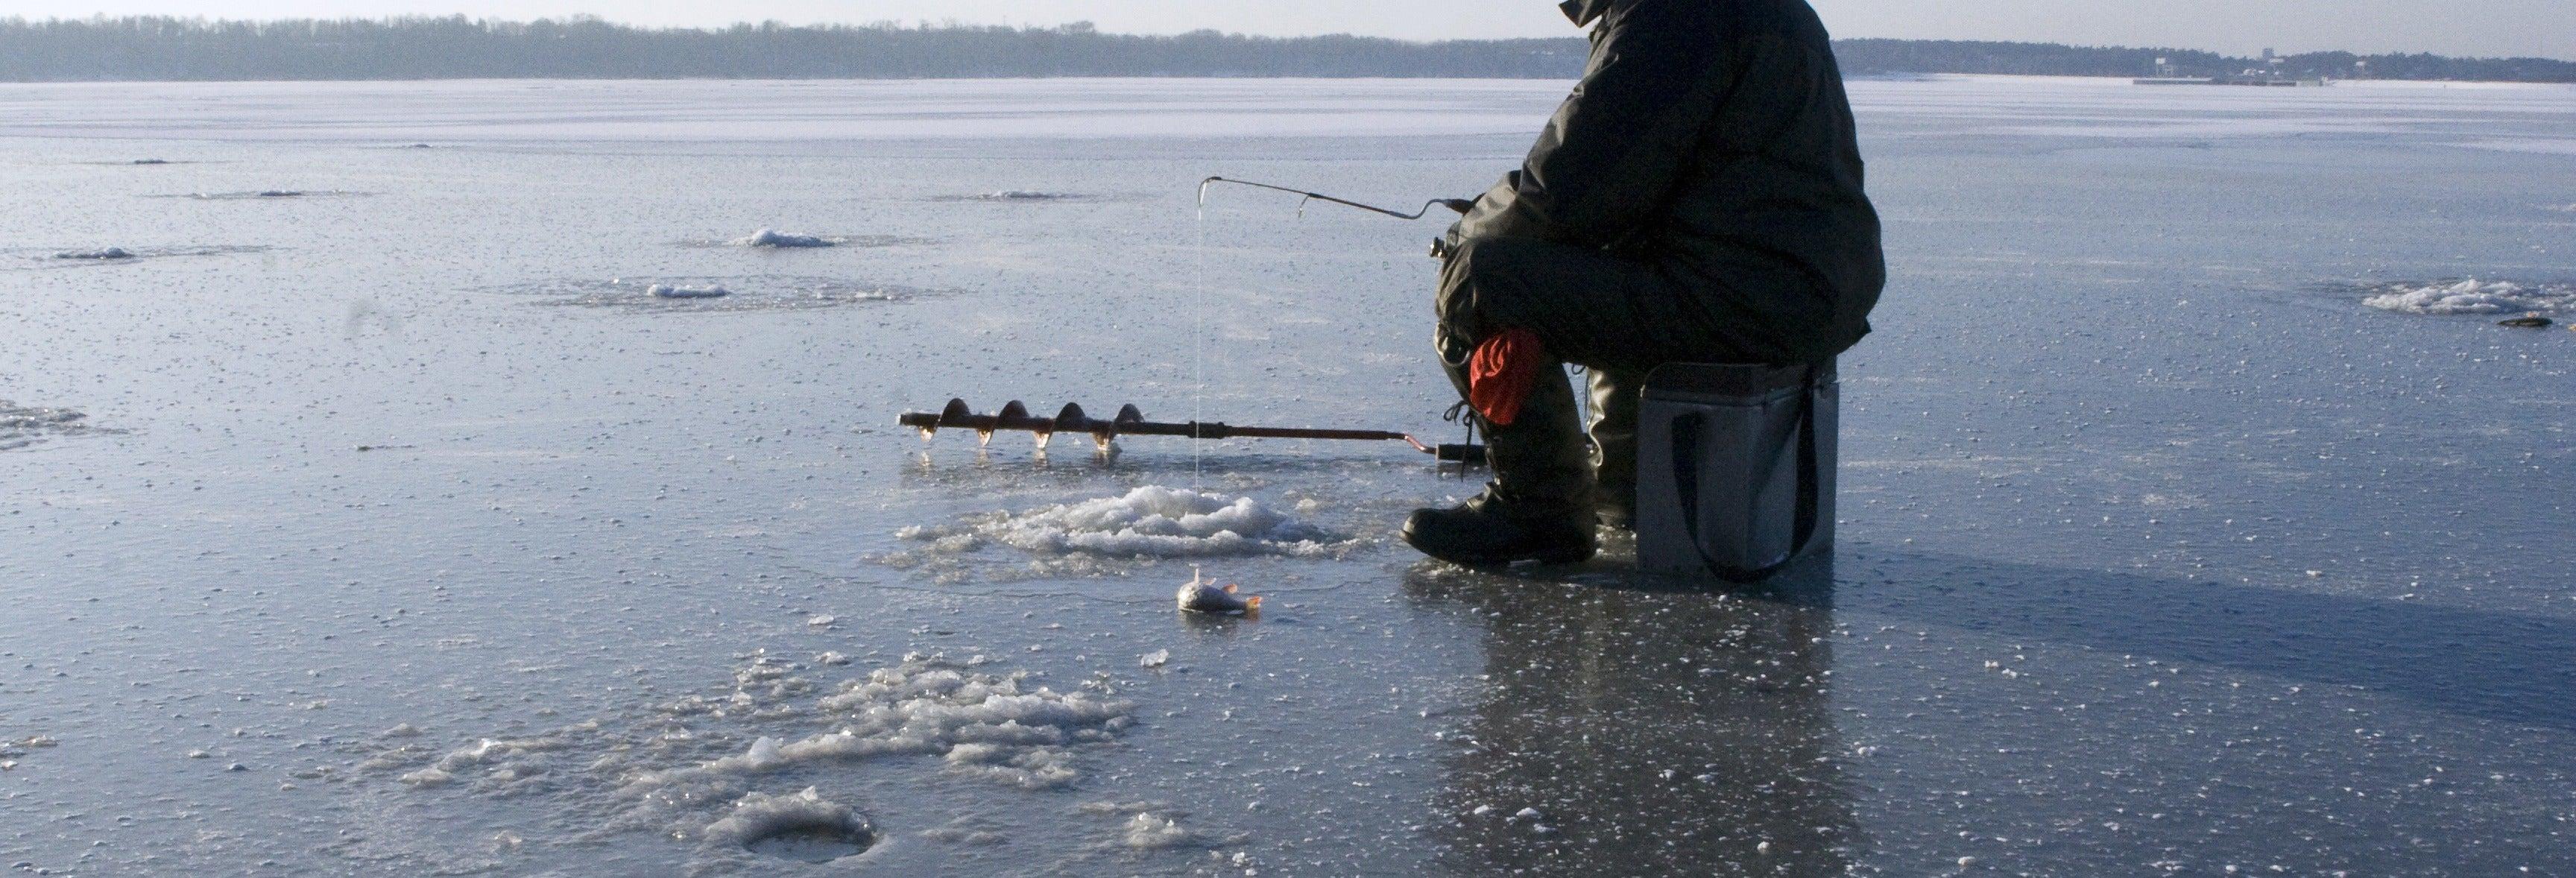 Pesca privata sul ghiaccio a Plevna